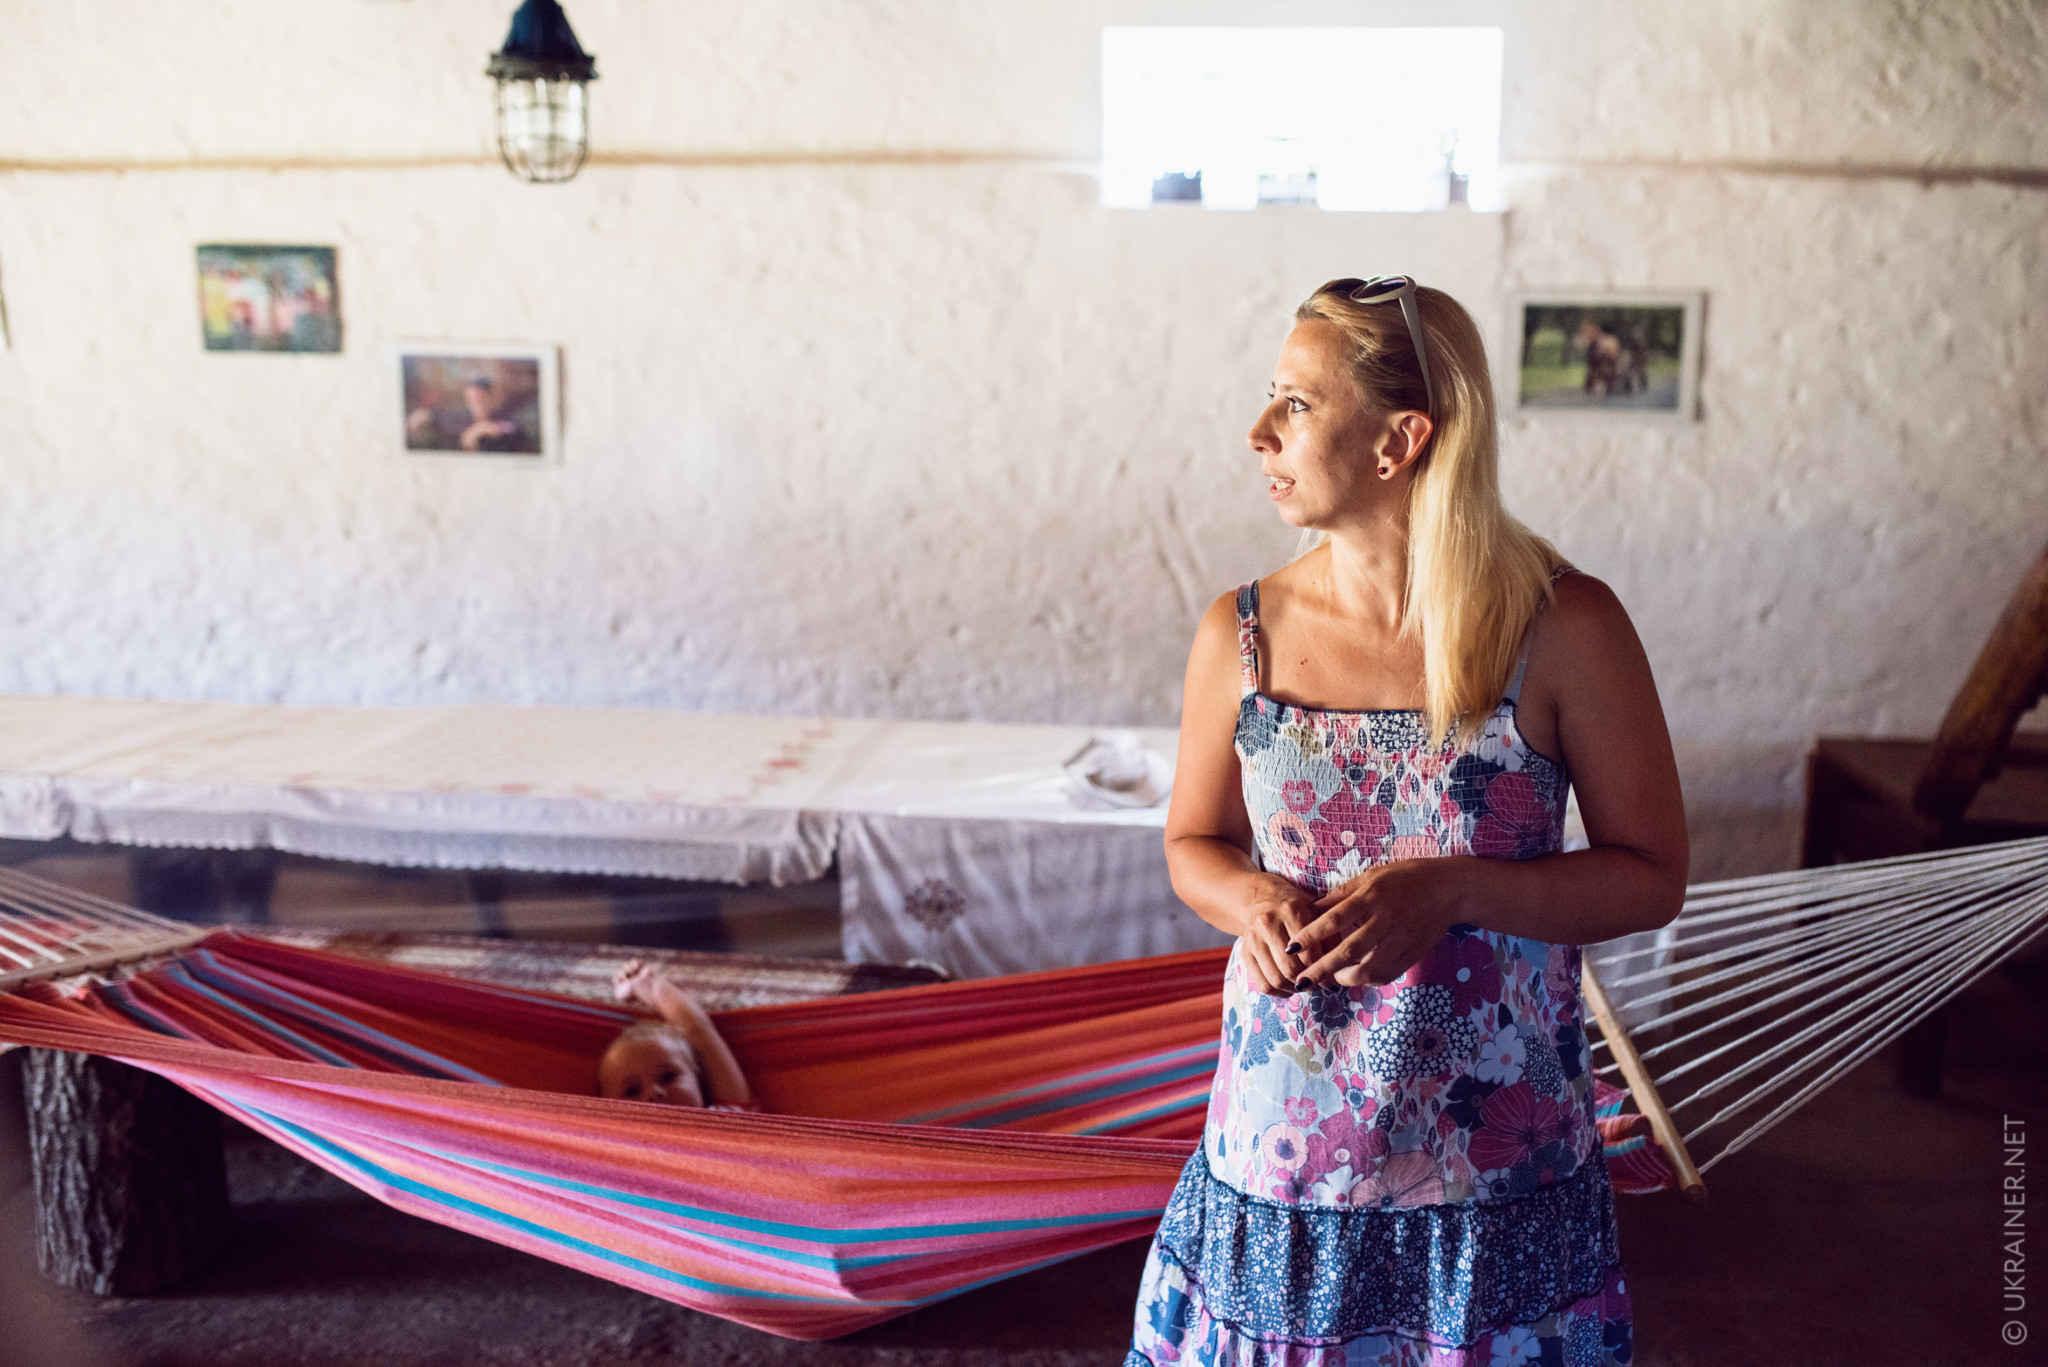 ალისა სმირნა და მისი ველო კარ – მიდამო